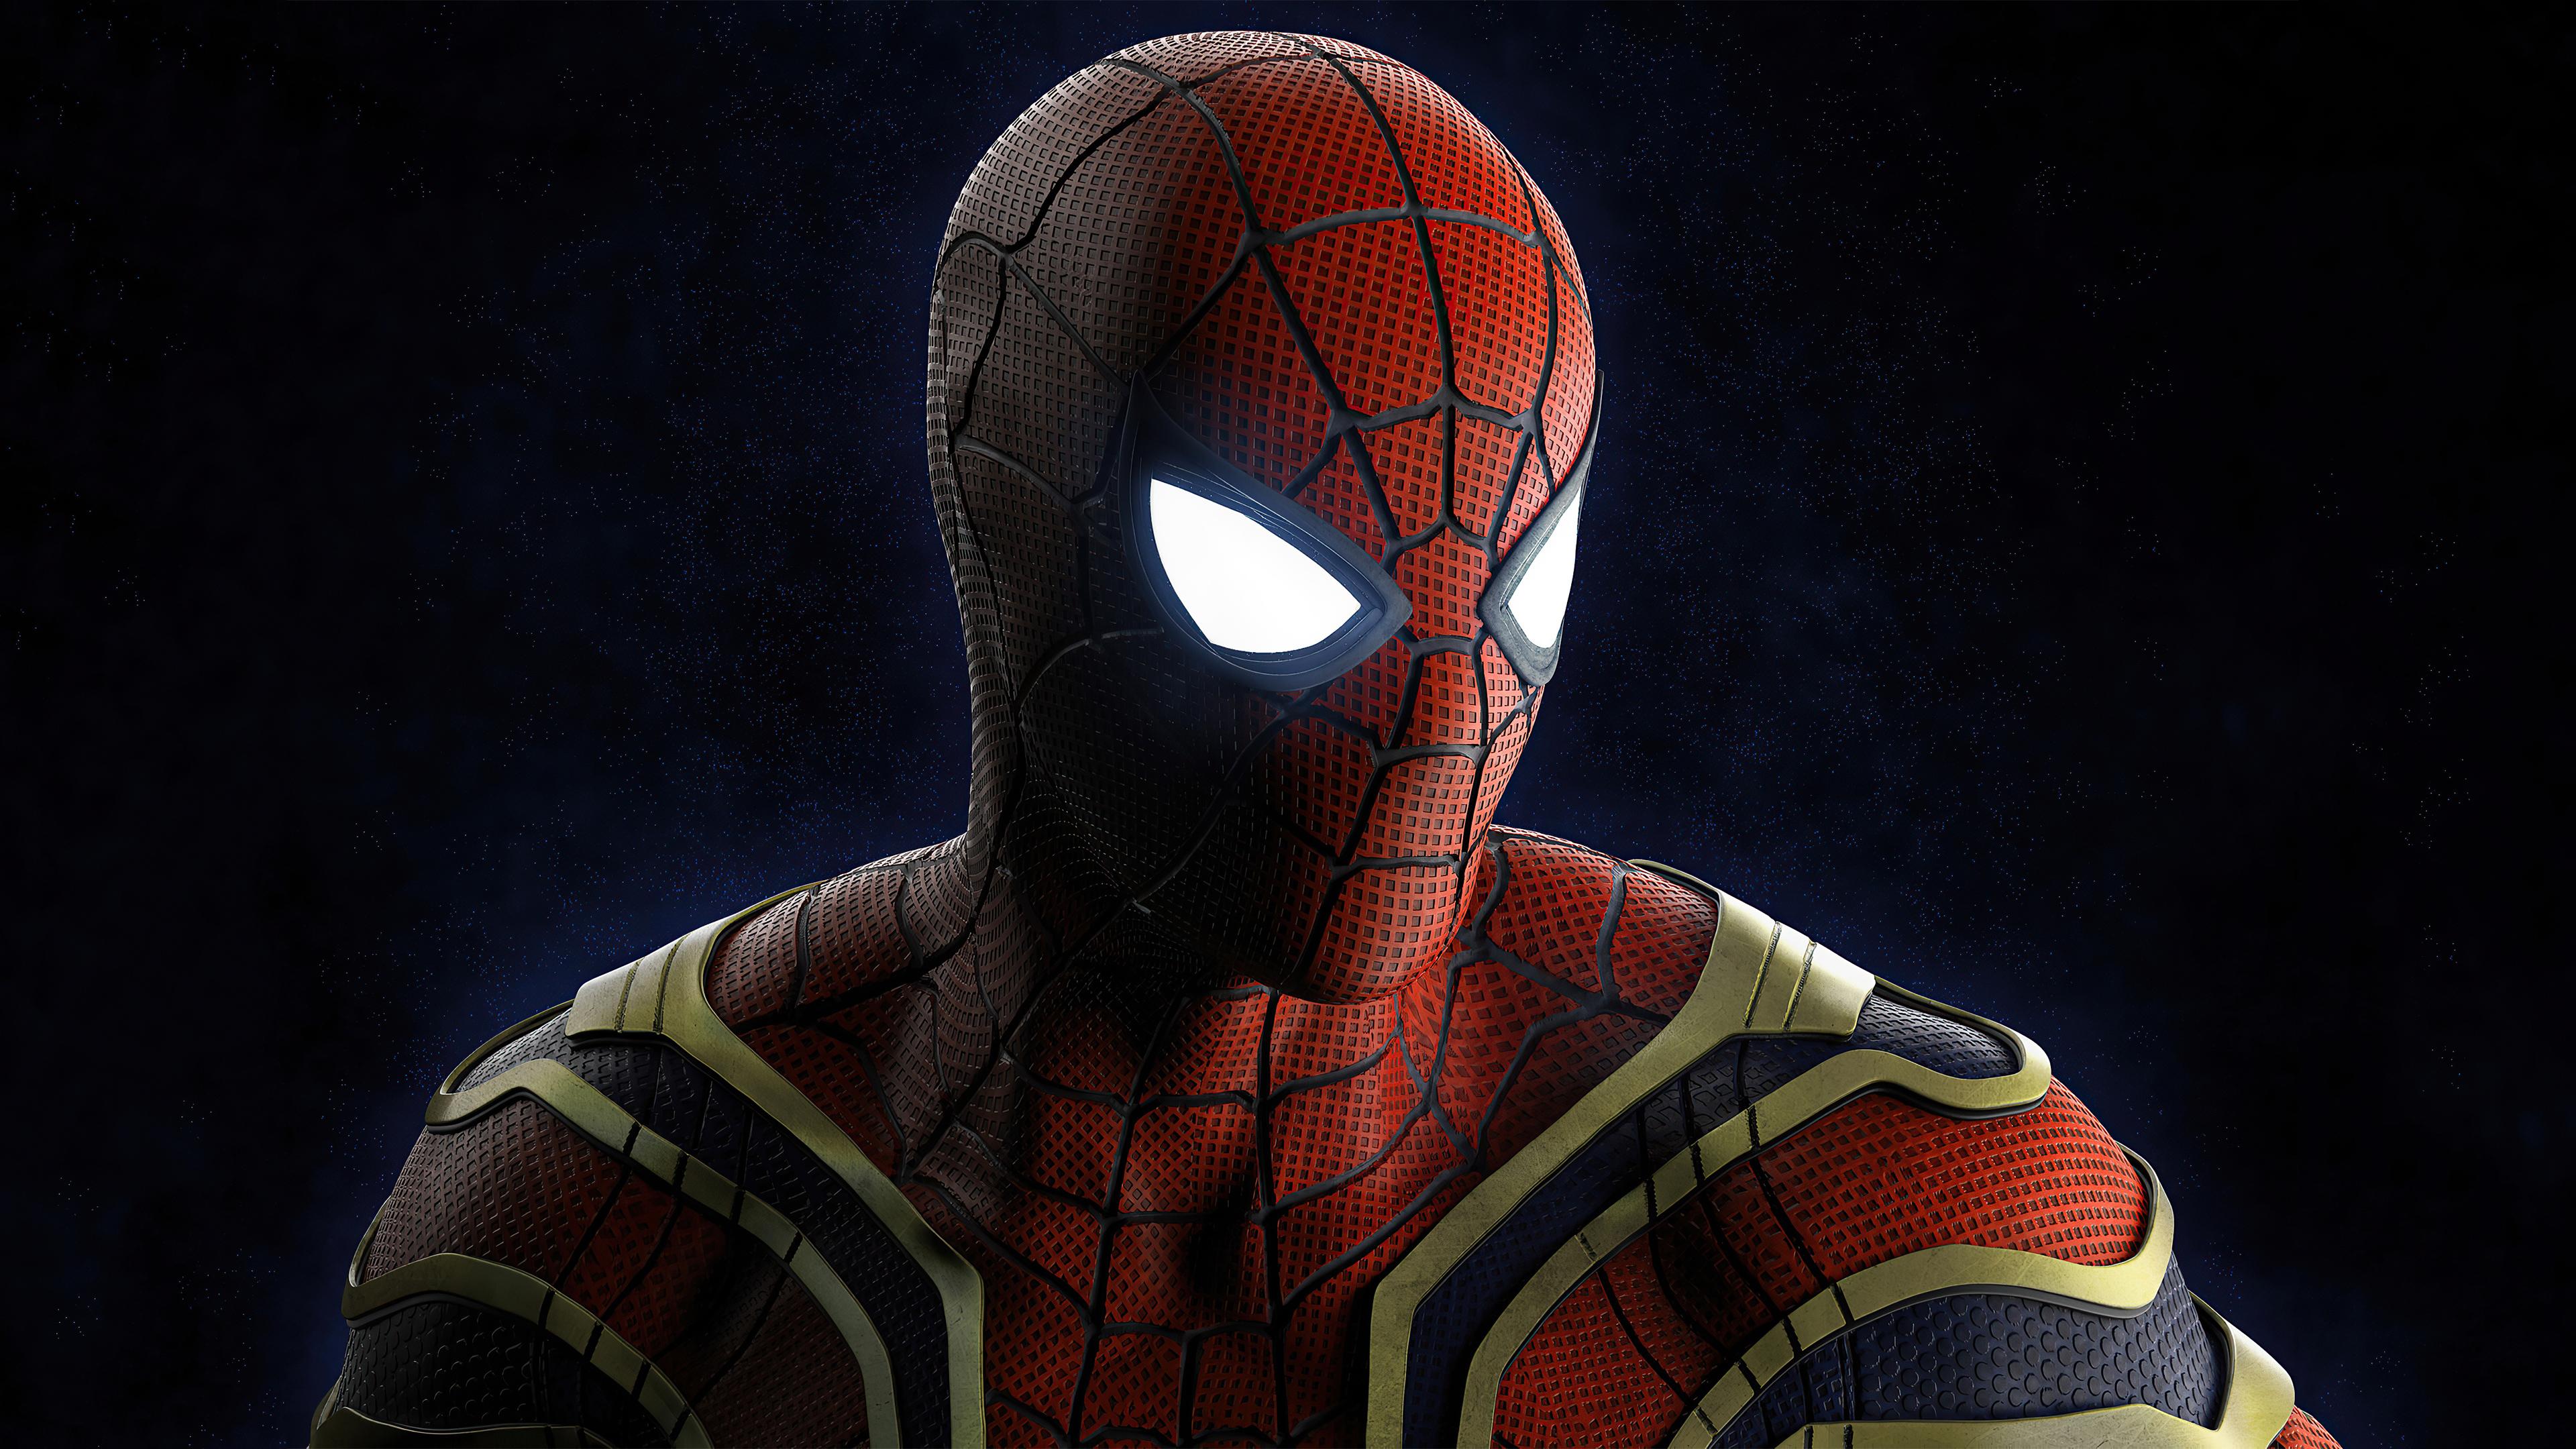 Spiderman 2020 4k, HD Superheroes, 4k Wallpapers, Images ...